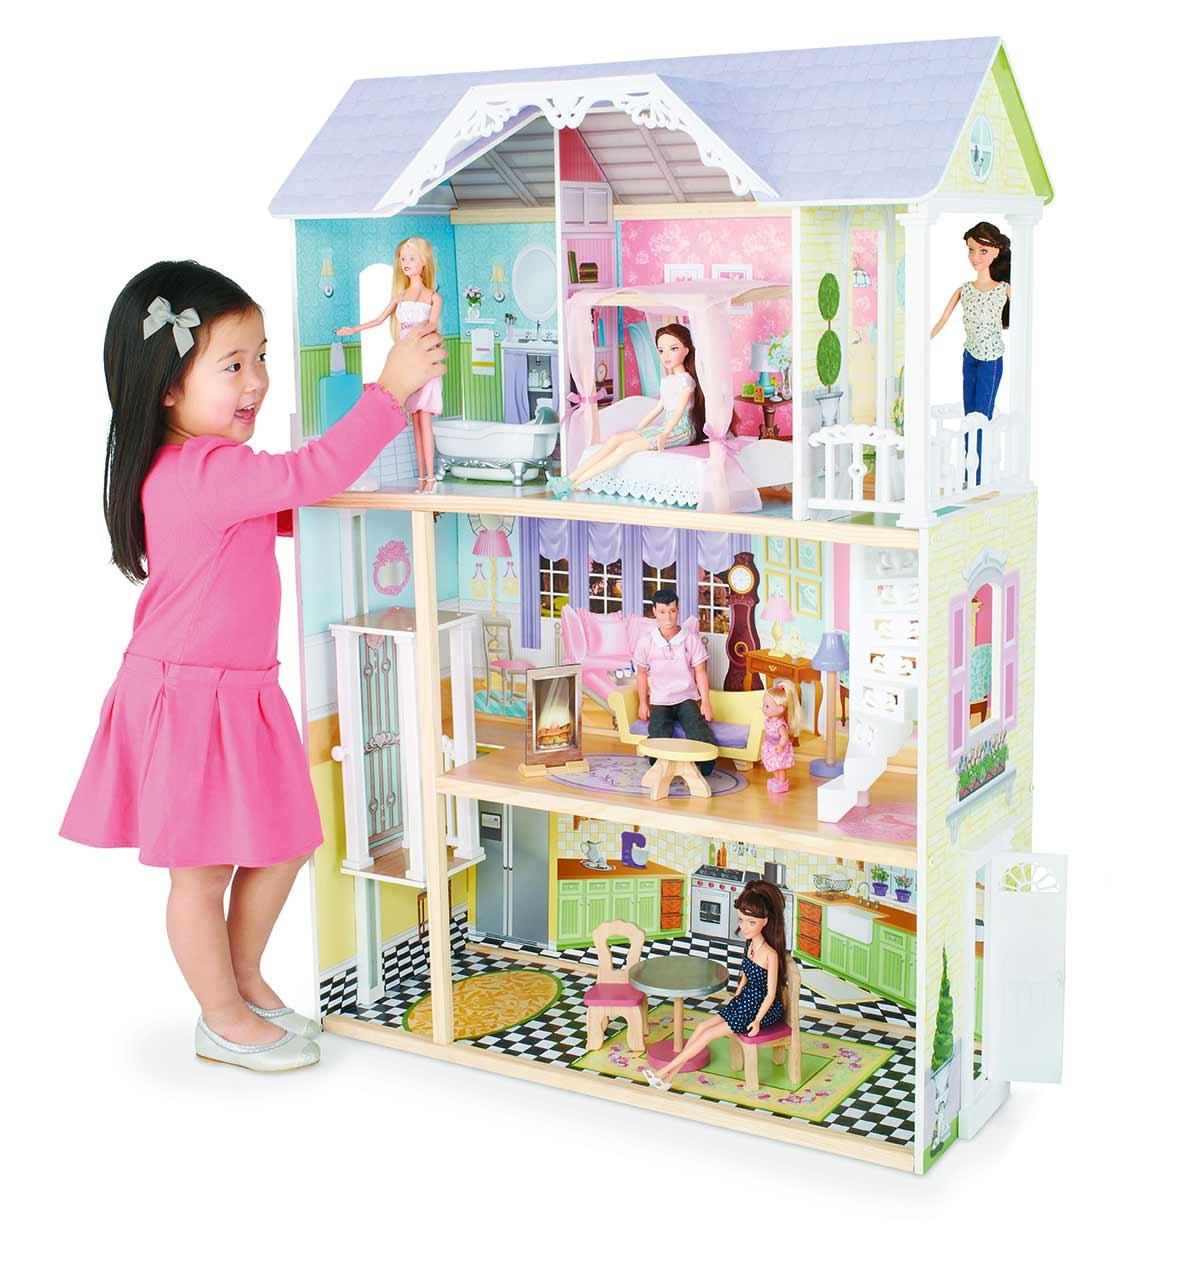 Spielzeug Für Kinder Ab 1 Jahr Toys R Us -|- Ausreise Info